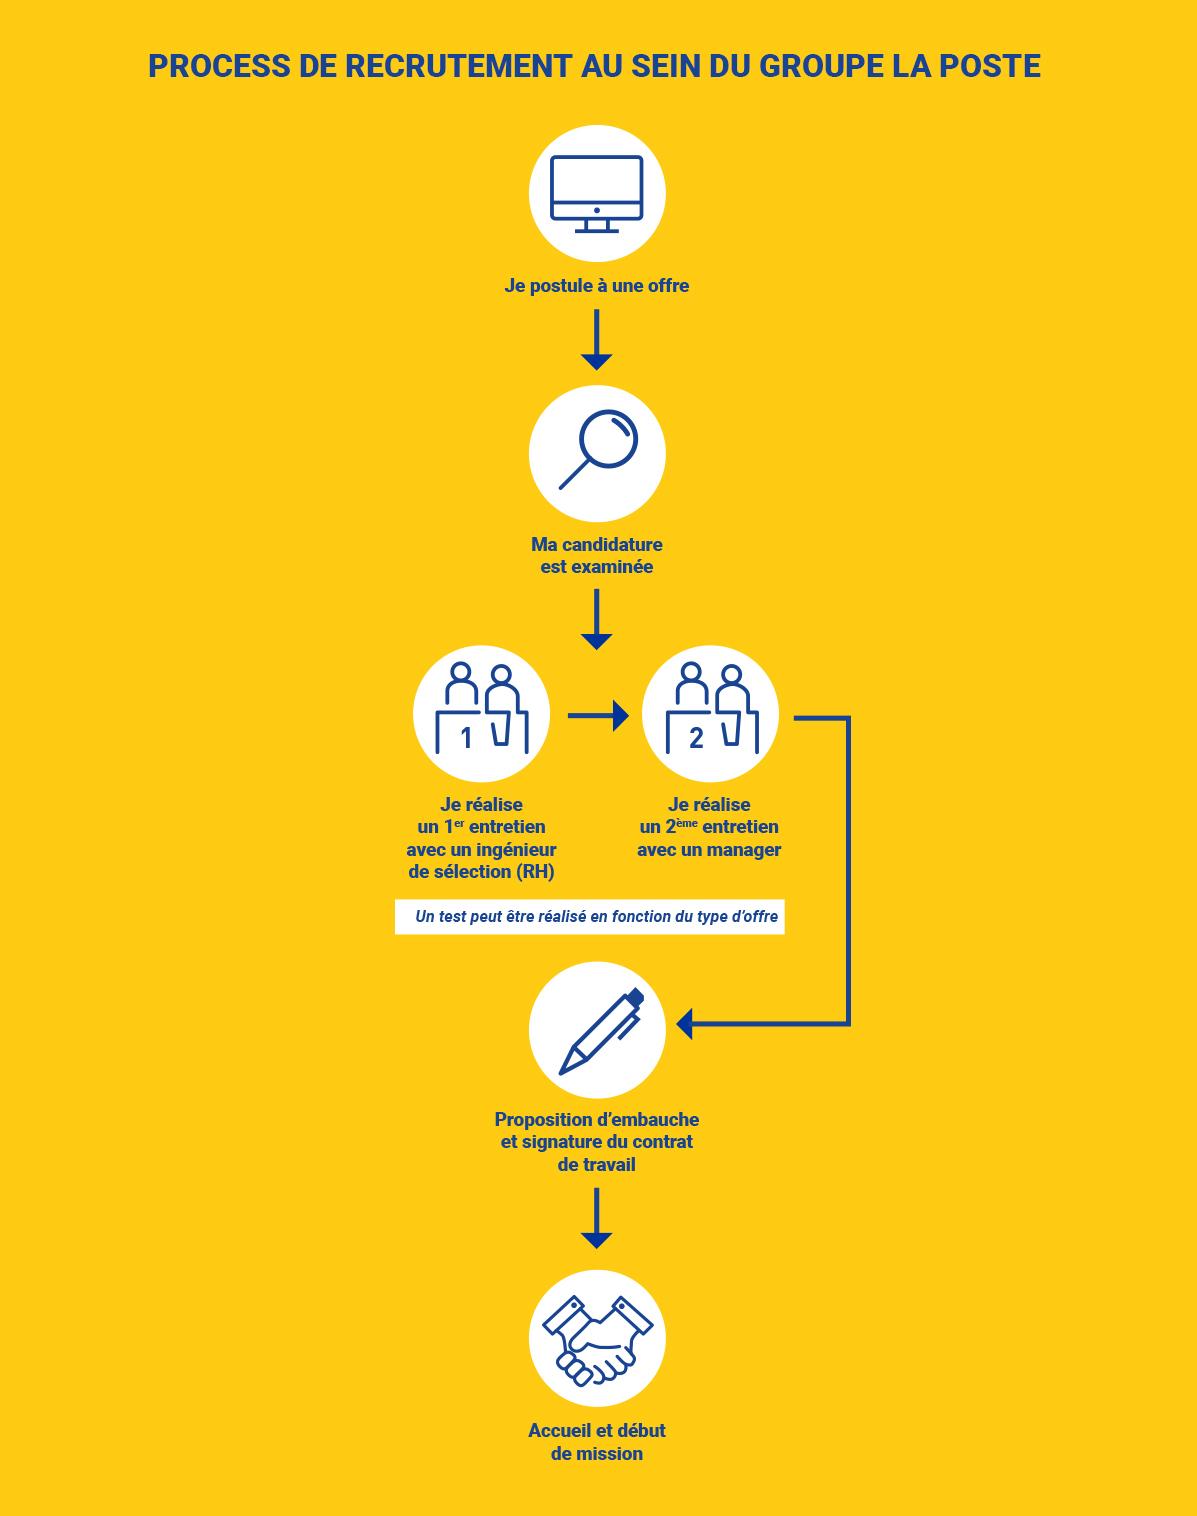 Infographie illustrant les étapes du processus de recrutement au sein du Groupe La Poste : Je Postule à une offre, ma candidature est examinée, je réalise un premier entretien avec un ingénieur de sélection (RH) puis je réalise un deuxième entretien avec un manager. Un test peut être réalisé en fonction du type d'offre. Avant dernière étape : proposition d'embauche et signature du contrat, dernière étape accueil et début de mission. Vous pouvez télécharger le document descriptif au Process de recrutement.